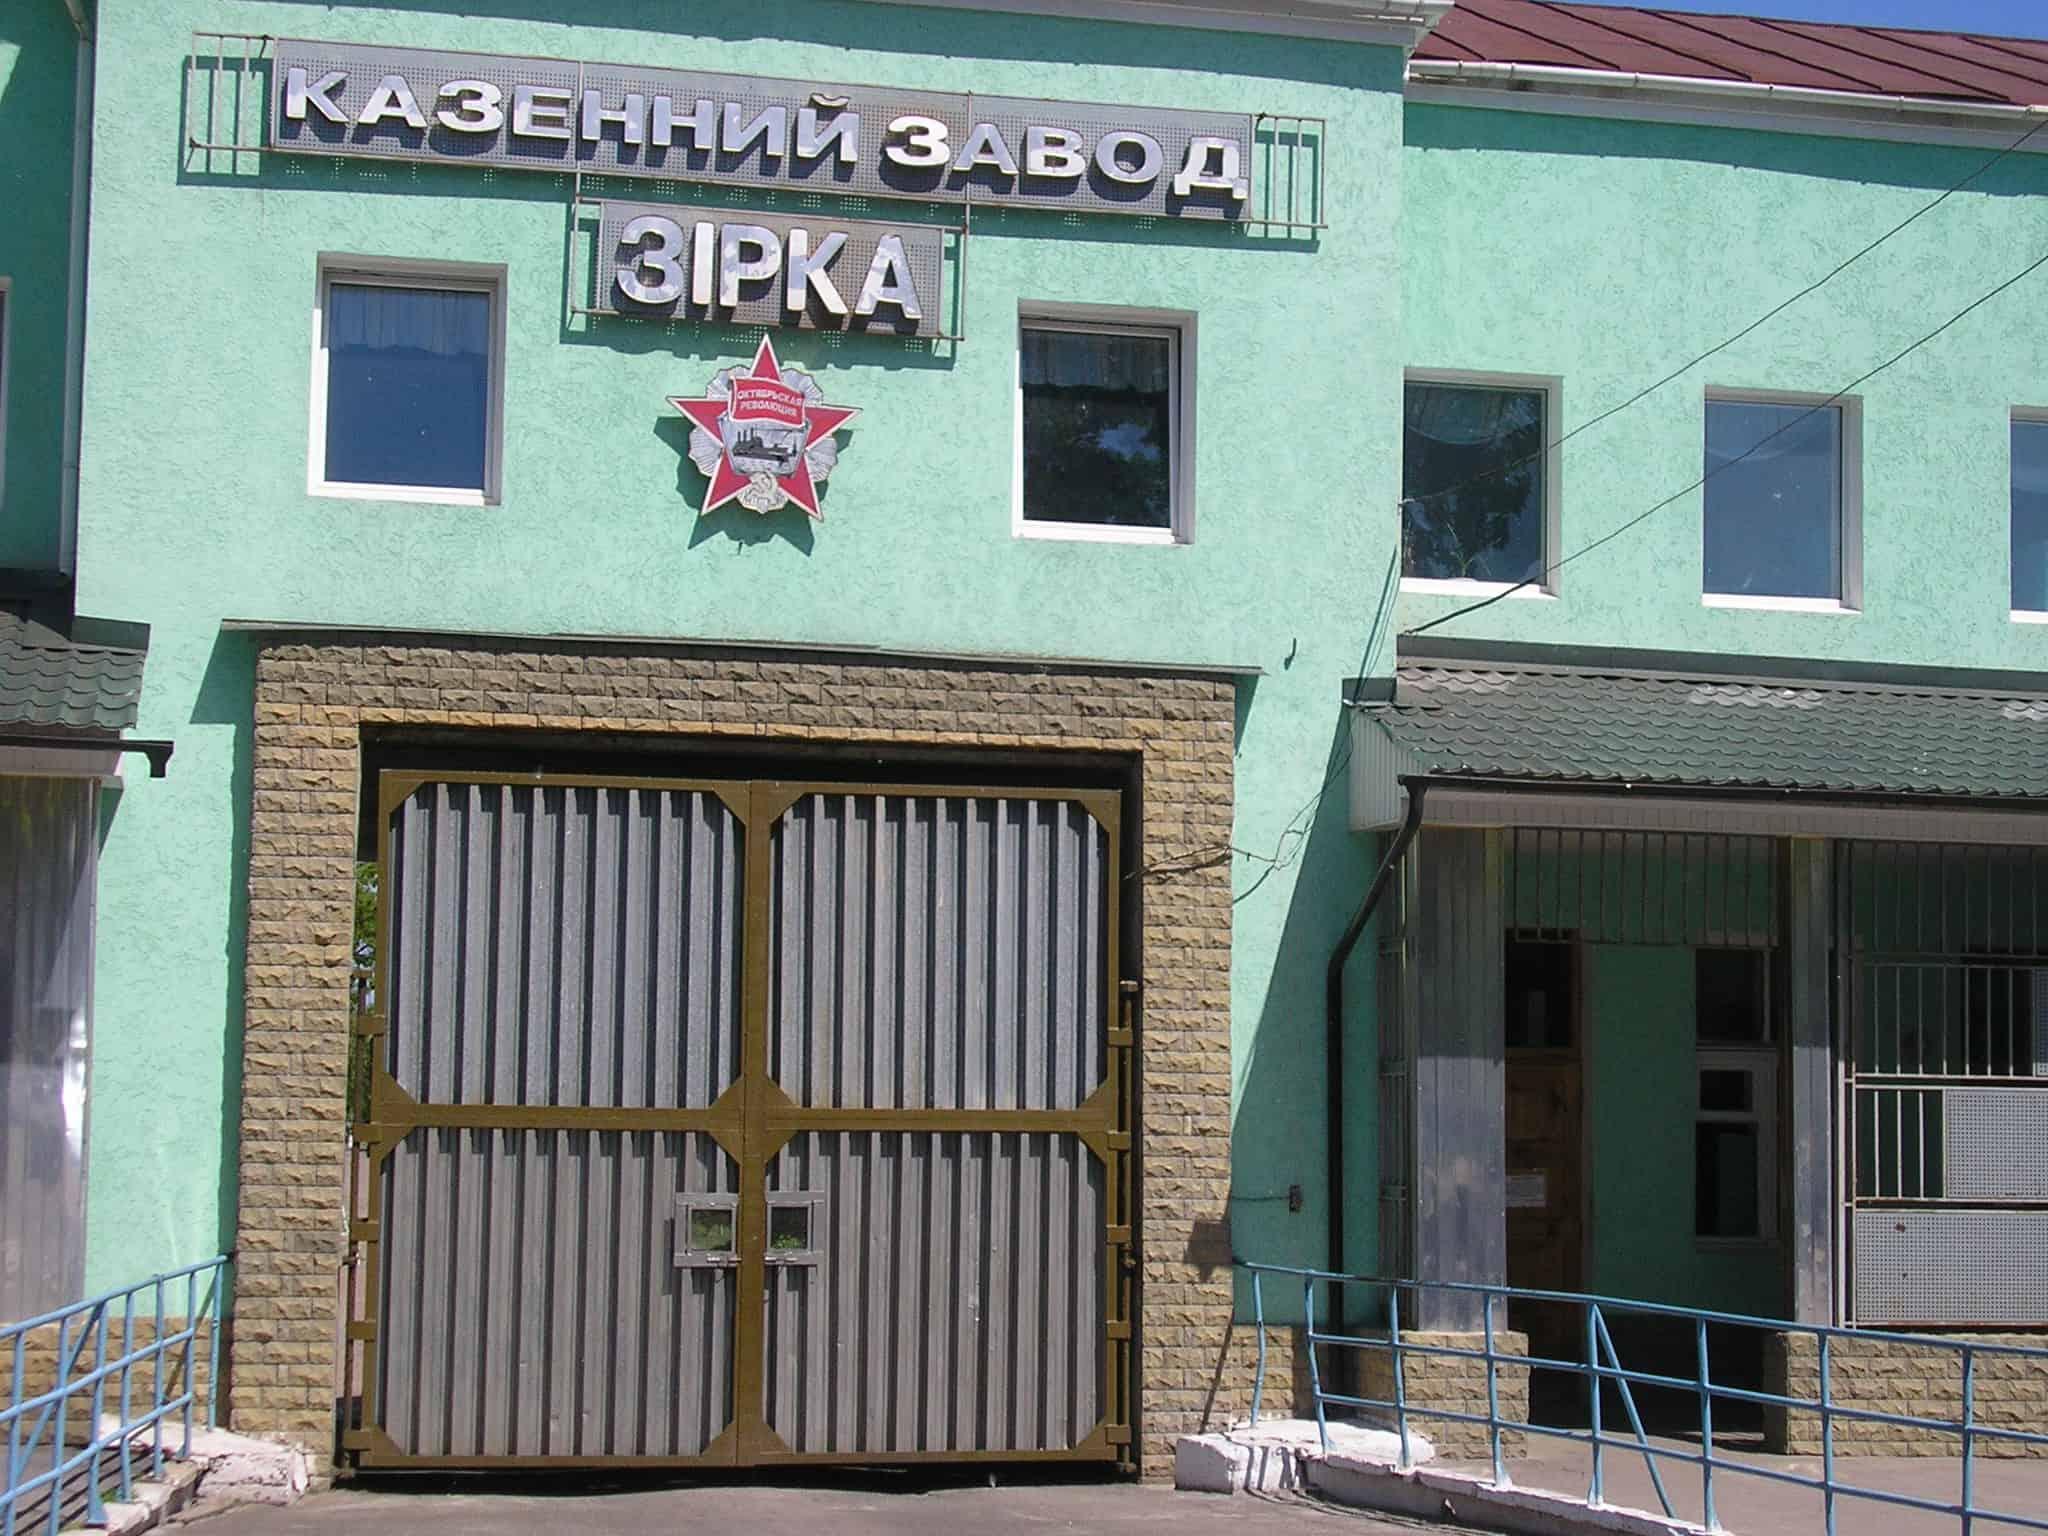 Казений завод Зірка